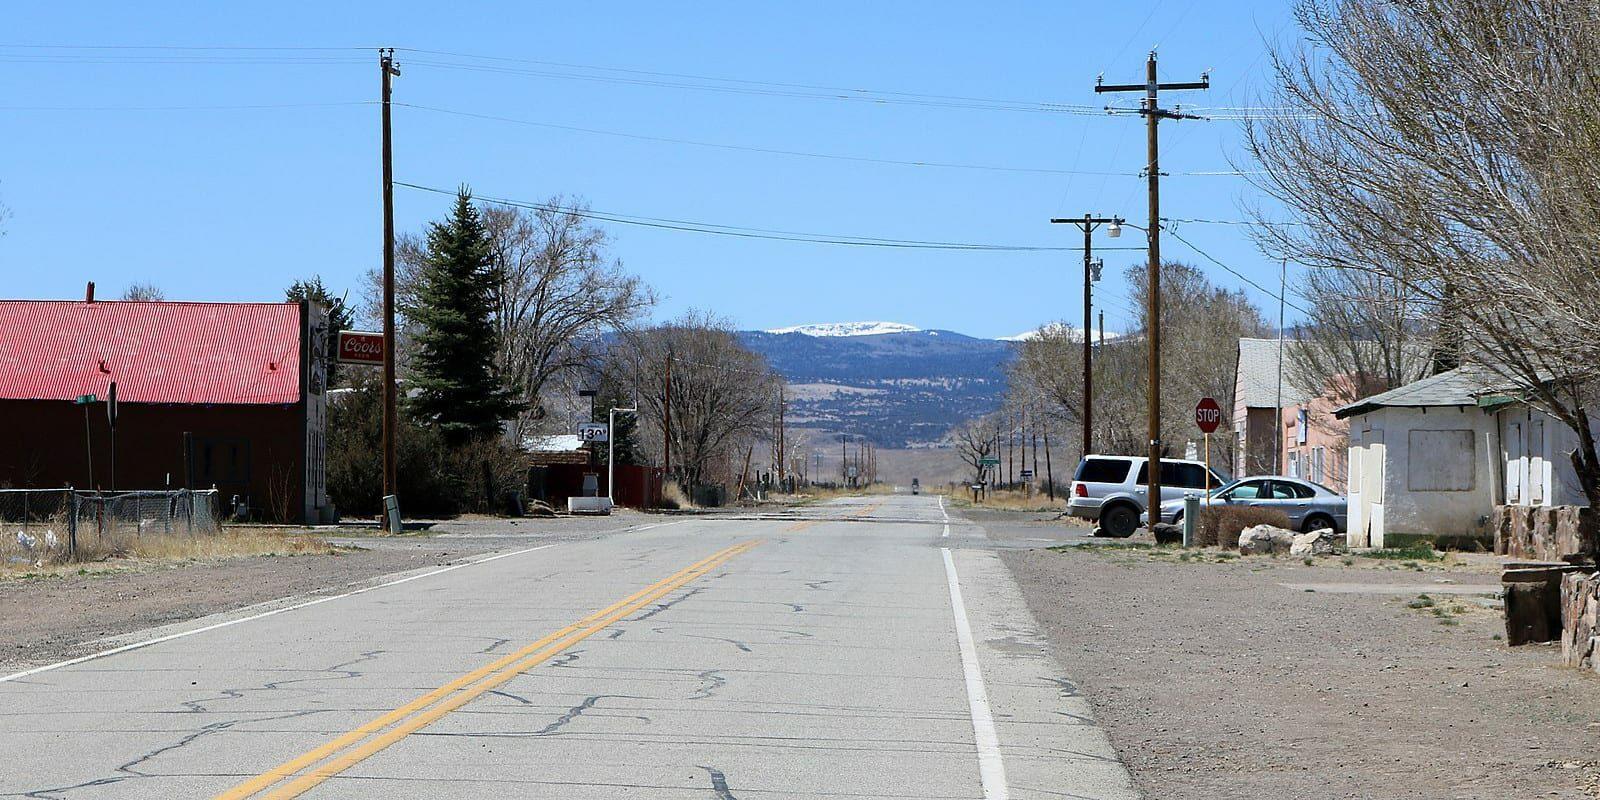 Capulin Colorado State Highway 15